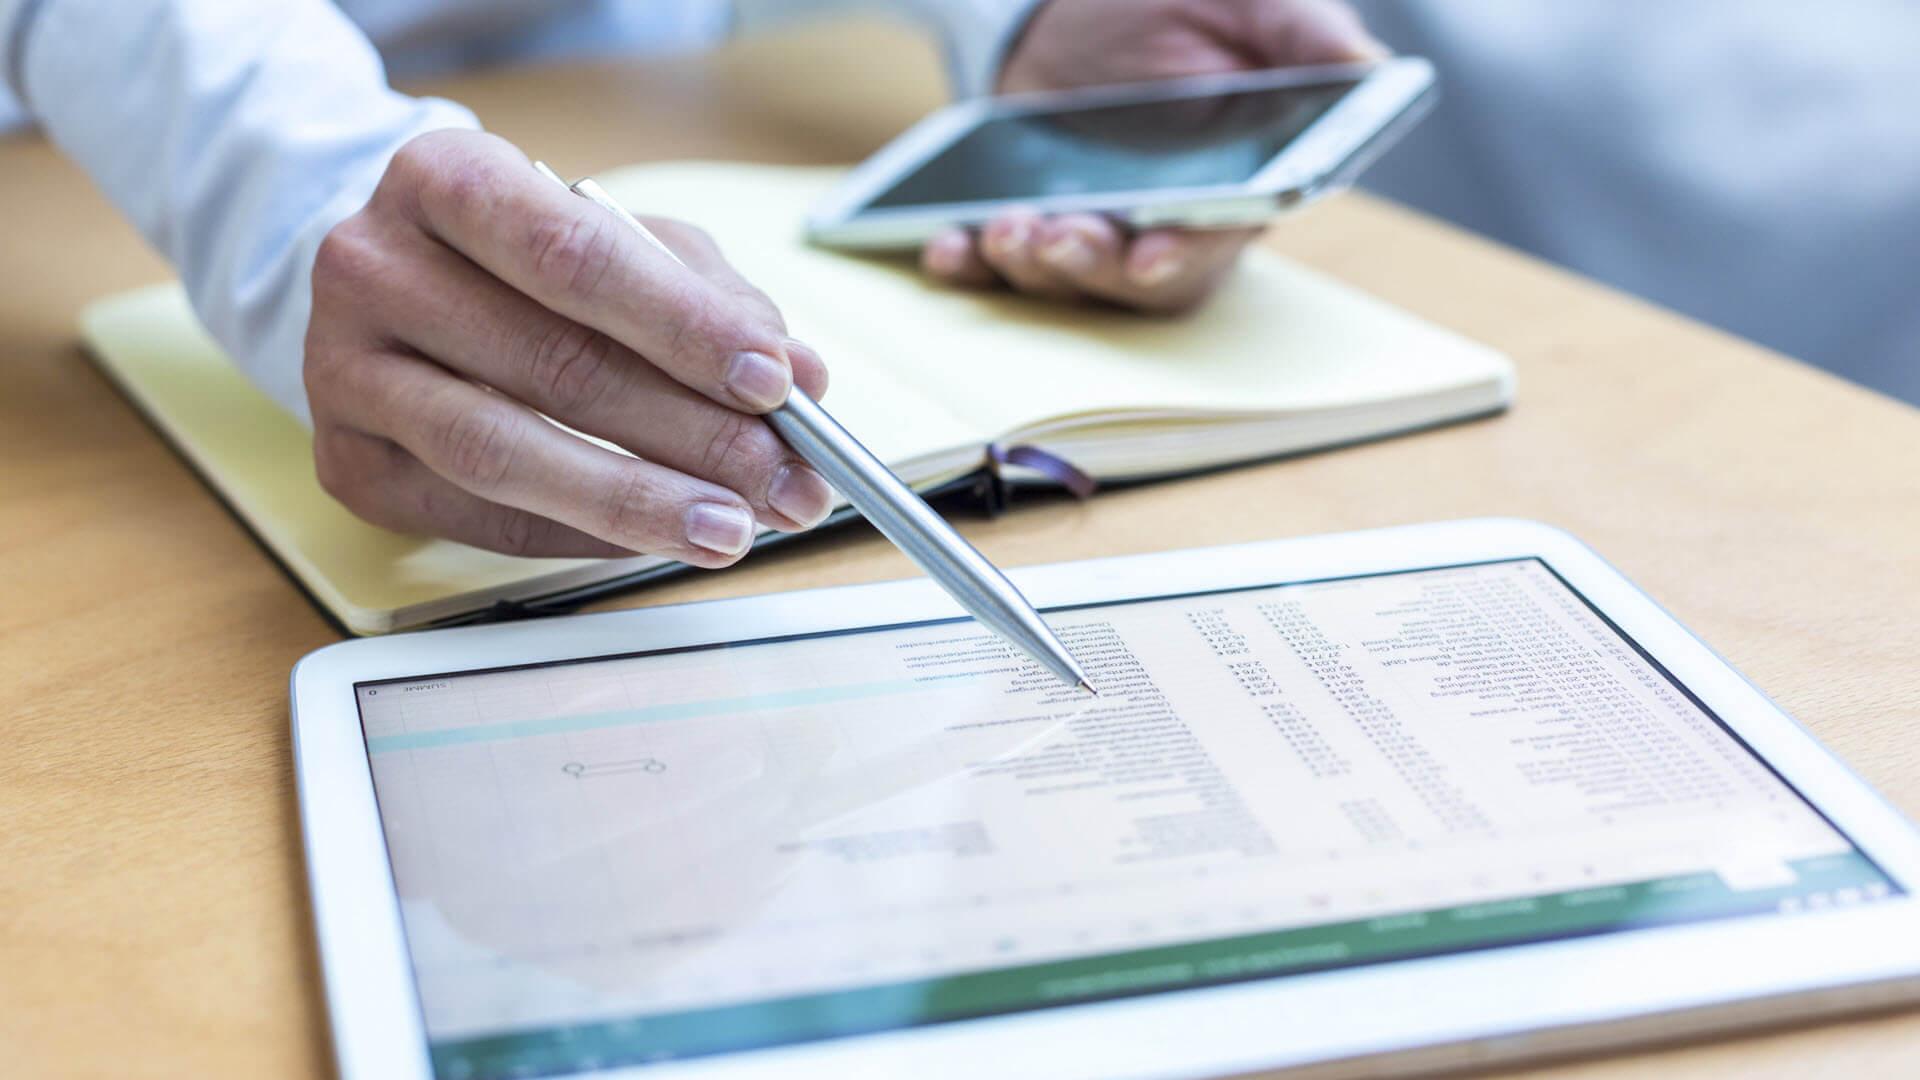 ipad-spreadsheet-audit-67459841-ss-1920